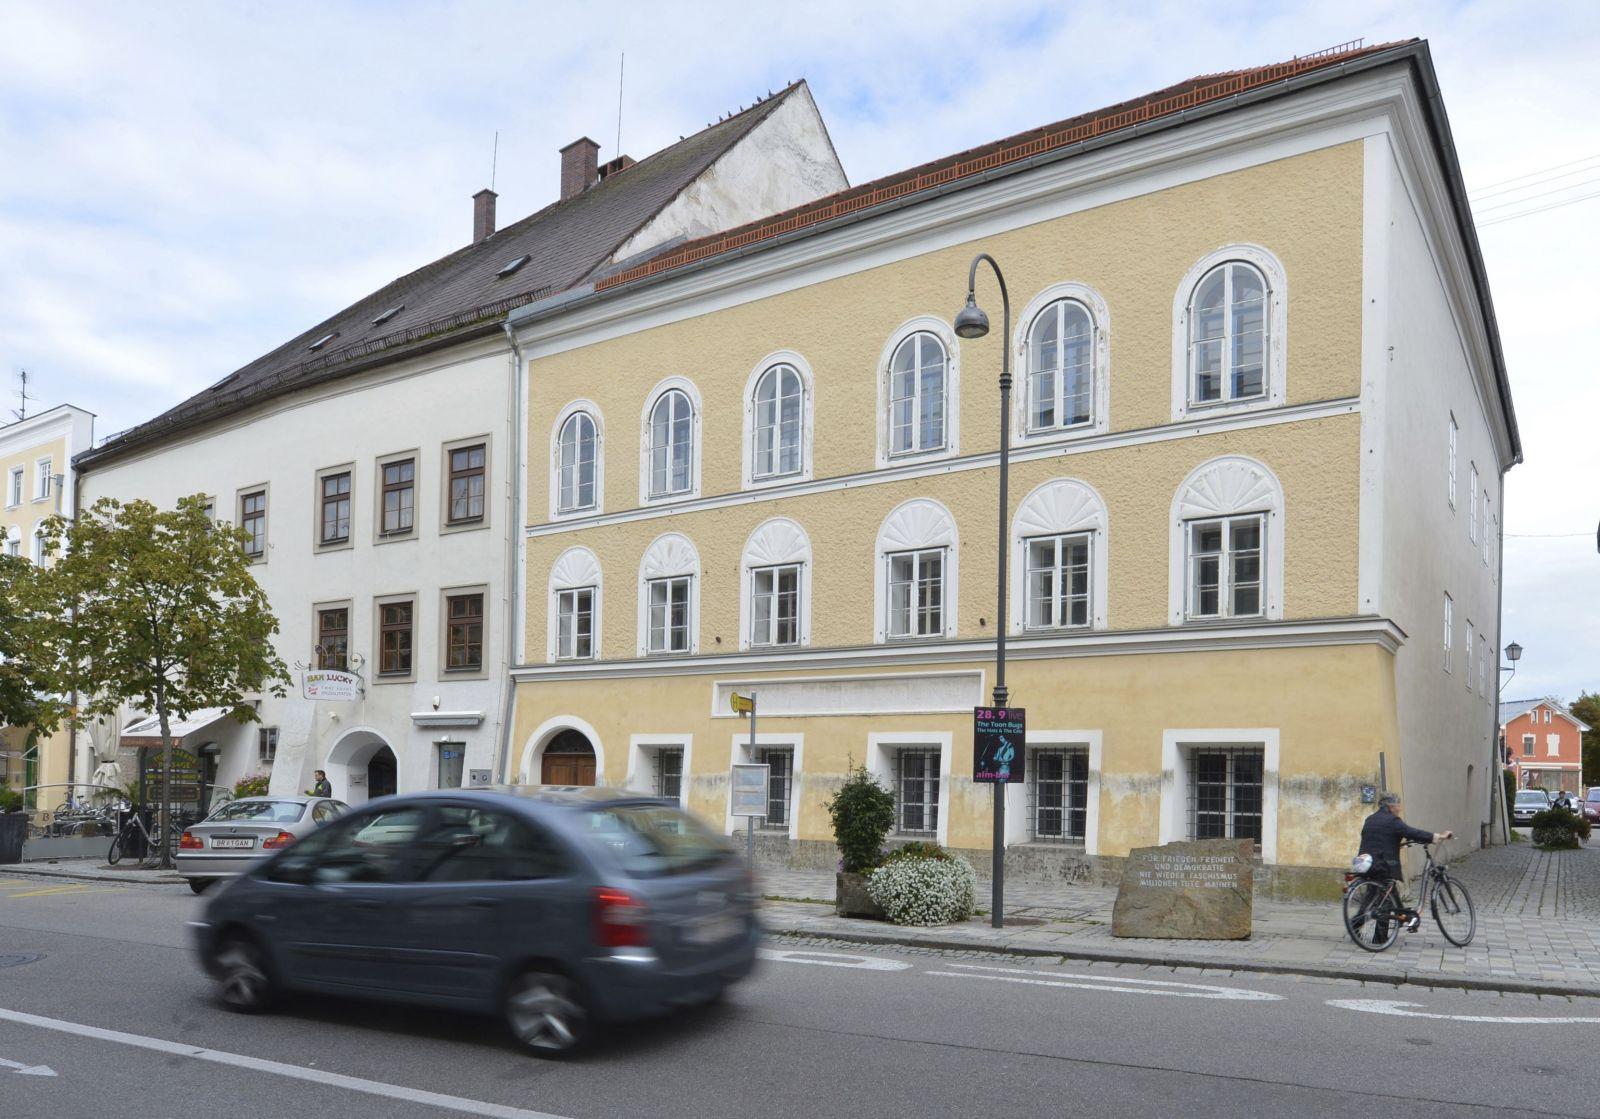 Dom, v ktorom sa narodil Adolf Hitler (2012)